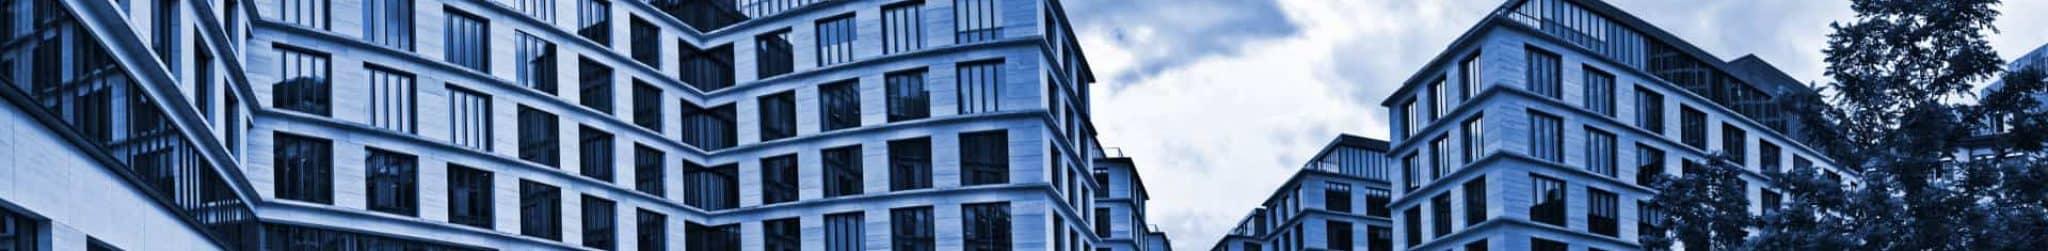 Gebäude an einem zentralen Platz mit Blick auf Hochhaus.